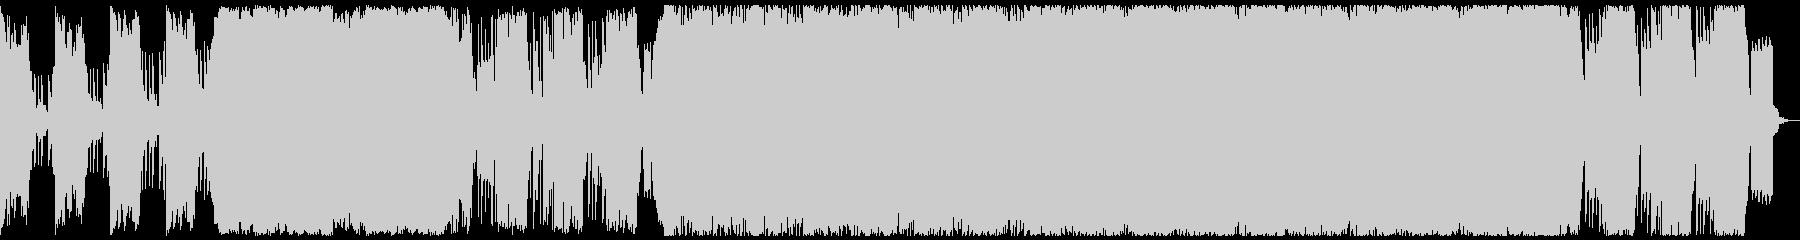 始まりを予感させるシンセ&クラシック曲の未再生の波形